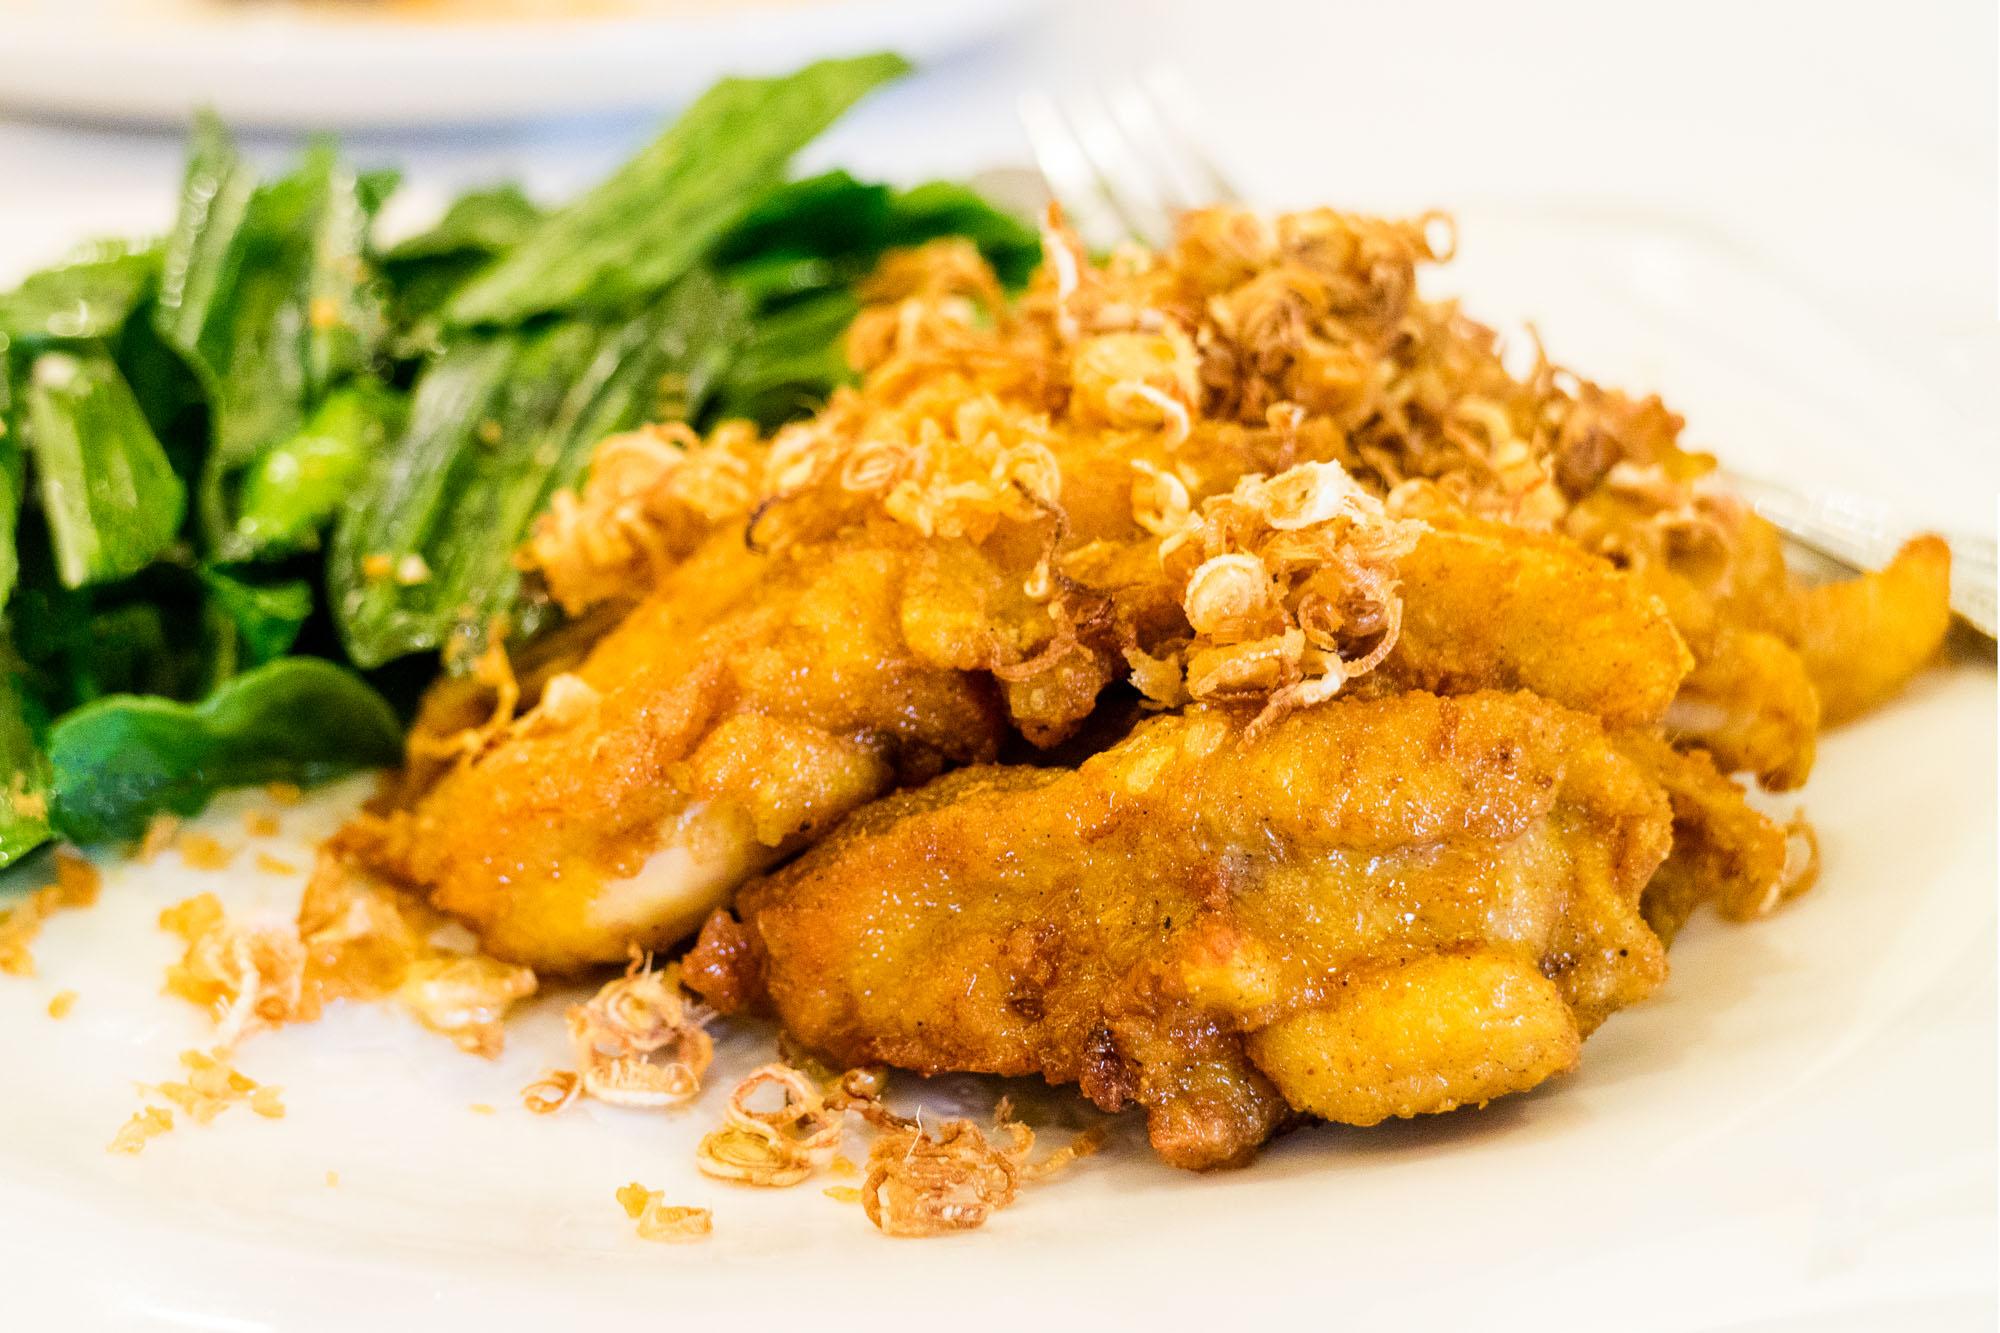 ไก่ตะใคร้ทอดใบเตย ร้านอาหารนาจ Naj Exquisite Thai Cusine & Naj Thai Cooking School  นาจ Naj Exquisite Thai Cuisine ชวนลิ้มลองอาหารไทยสุดหรู ย่านสีลม IMG 4054